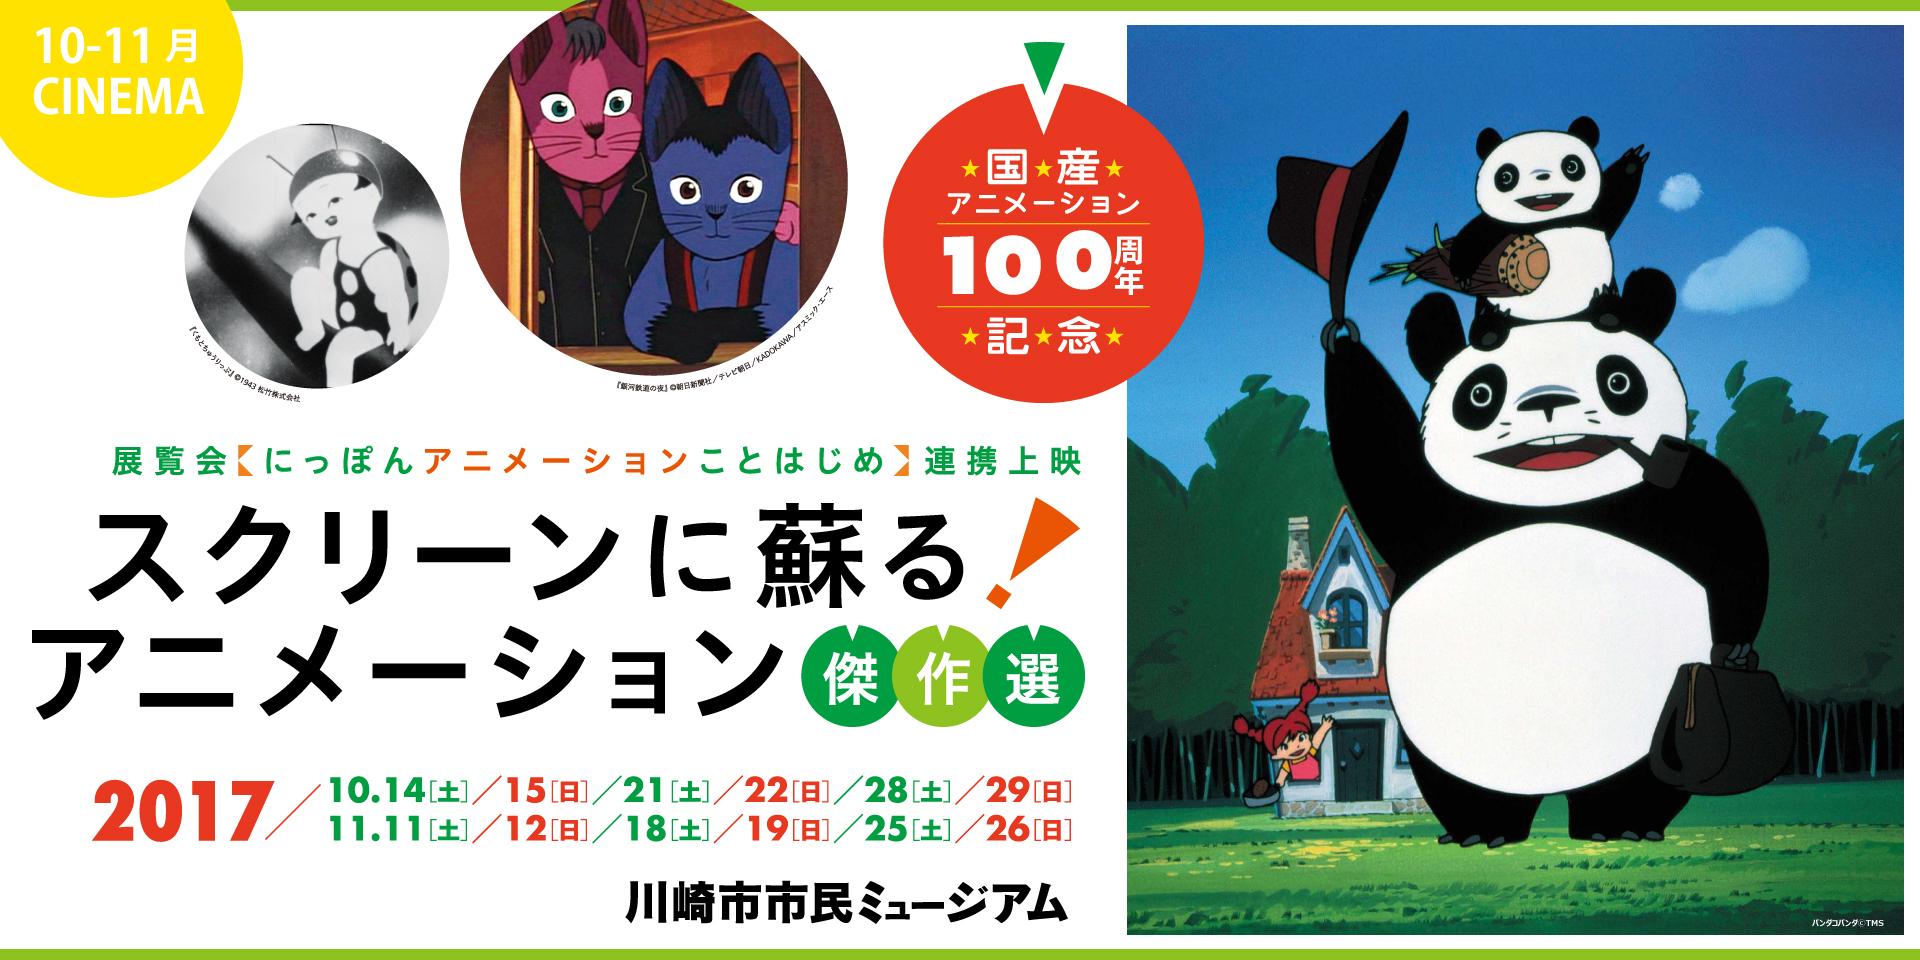 10-11月 展覧会連携 国産アニメーション100周年記念《スクリーンに蘇る!アニメーション傑作選》